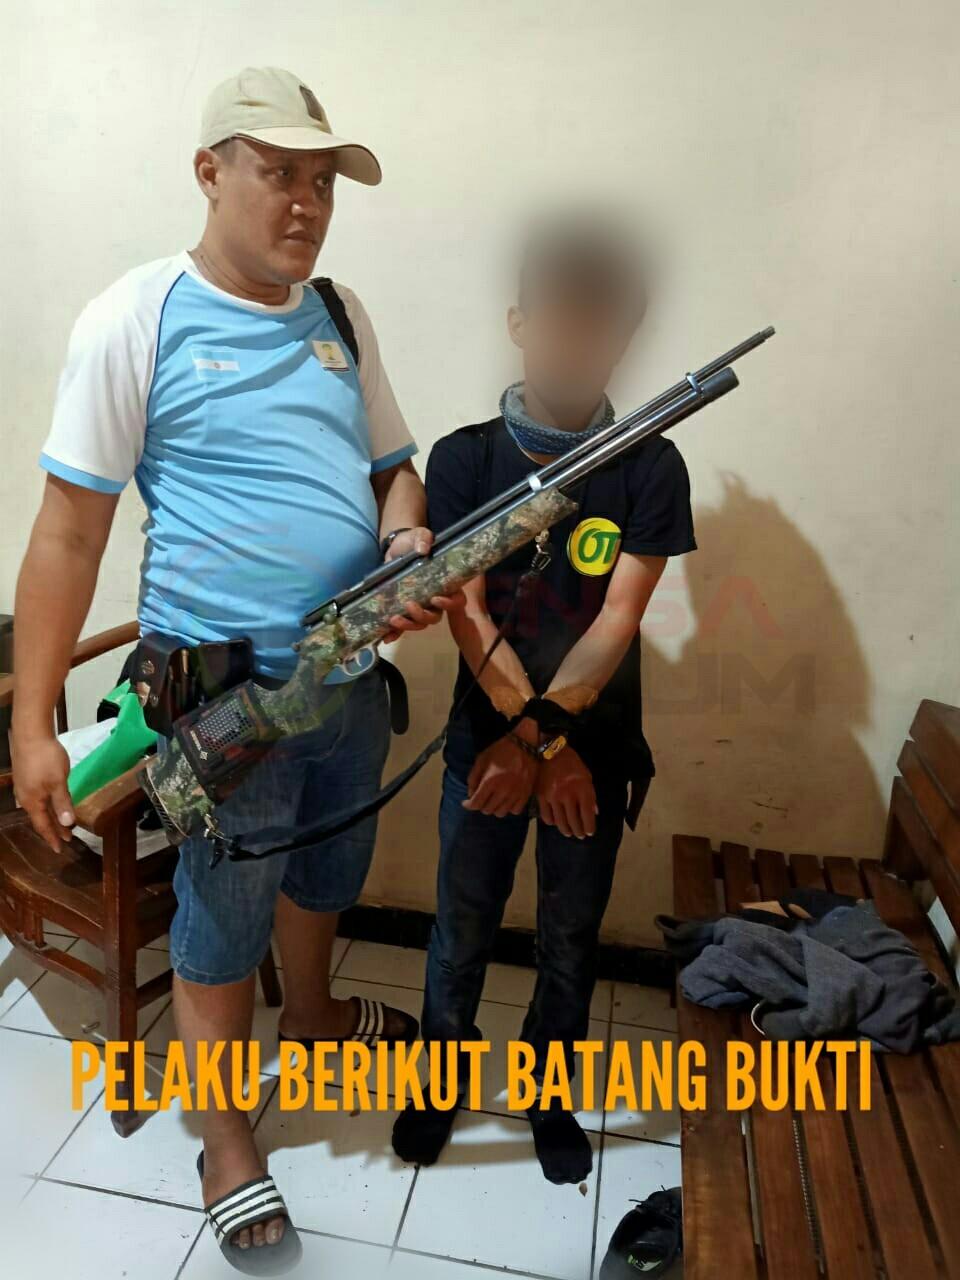 LensaHukum.co.id - IMG 20190812 WA0002 - Akibat Cemburu Seorang Pemuda Nekat Menganiaya Mantan Pacarnya Dengan Senapan Angin